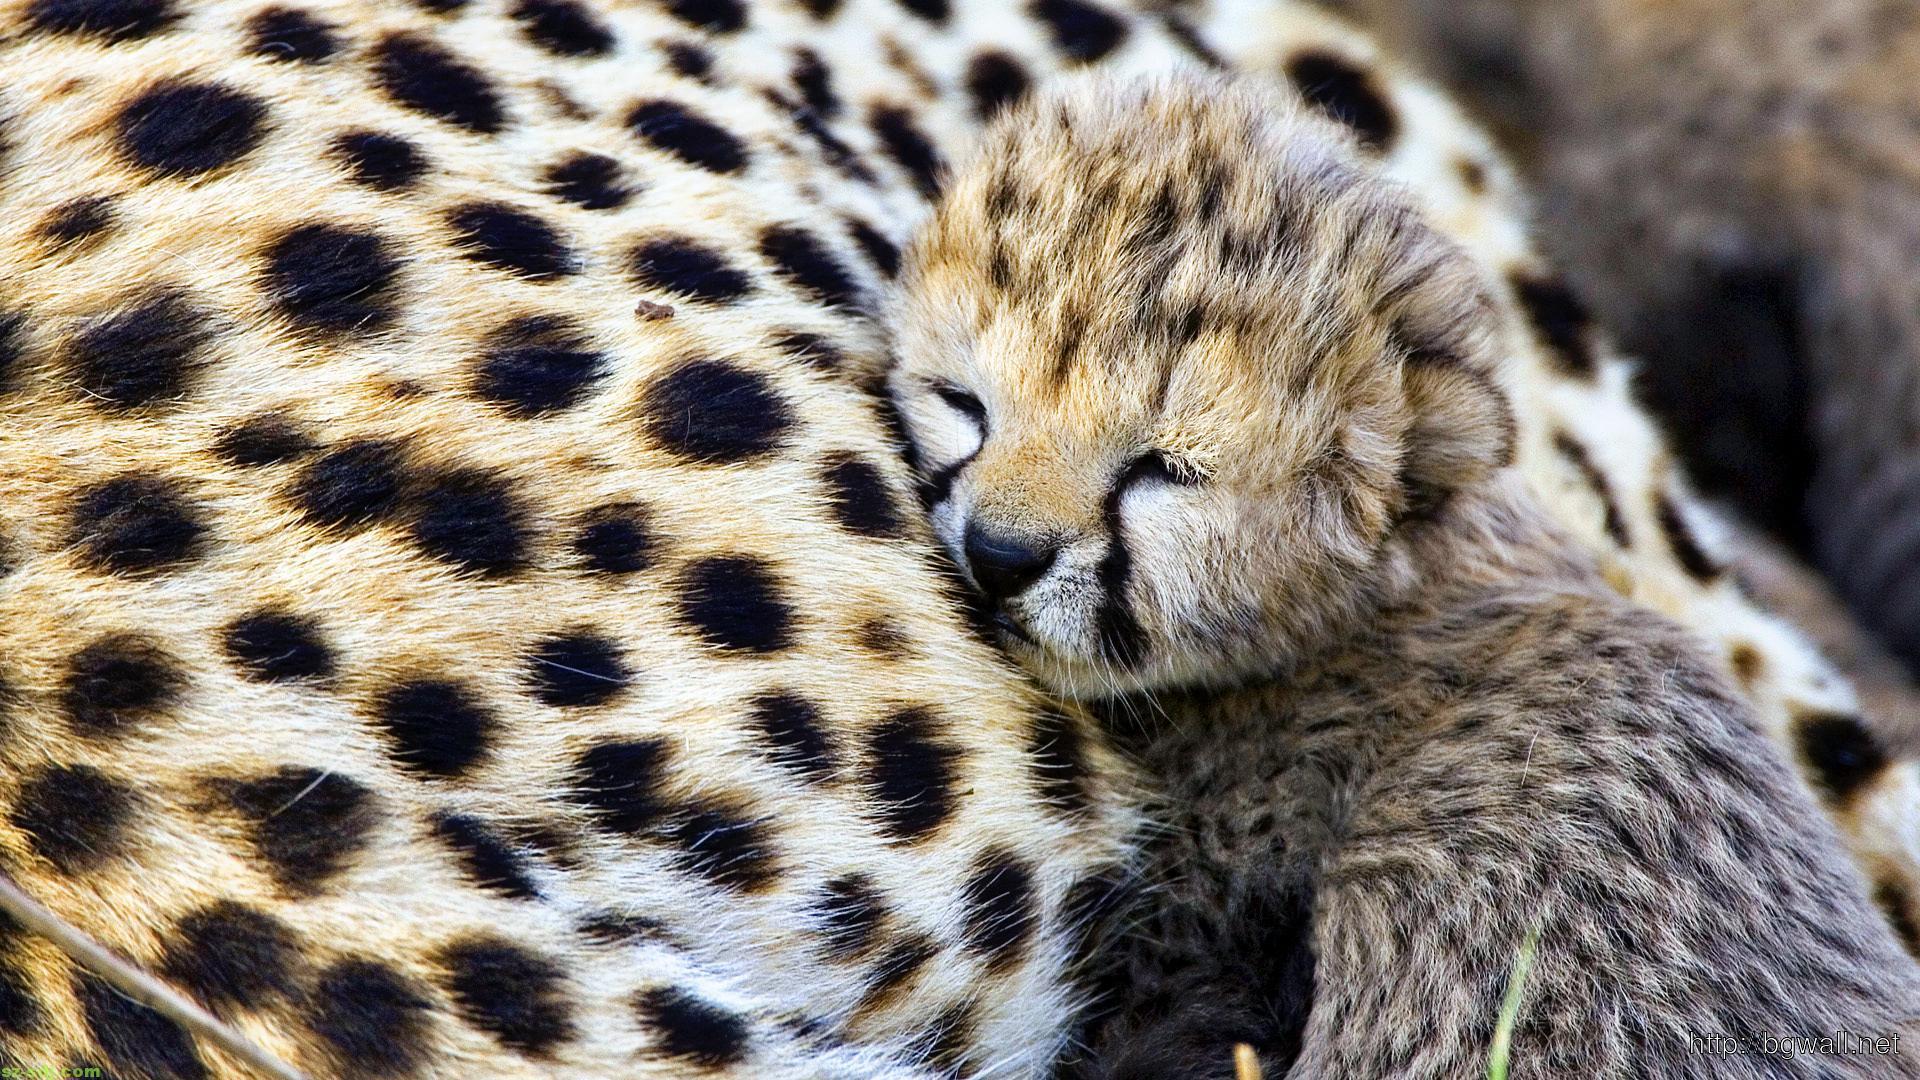 cheetah-baby-cute-animals-wallpaper-widescreen